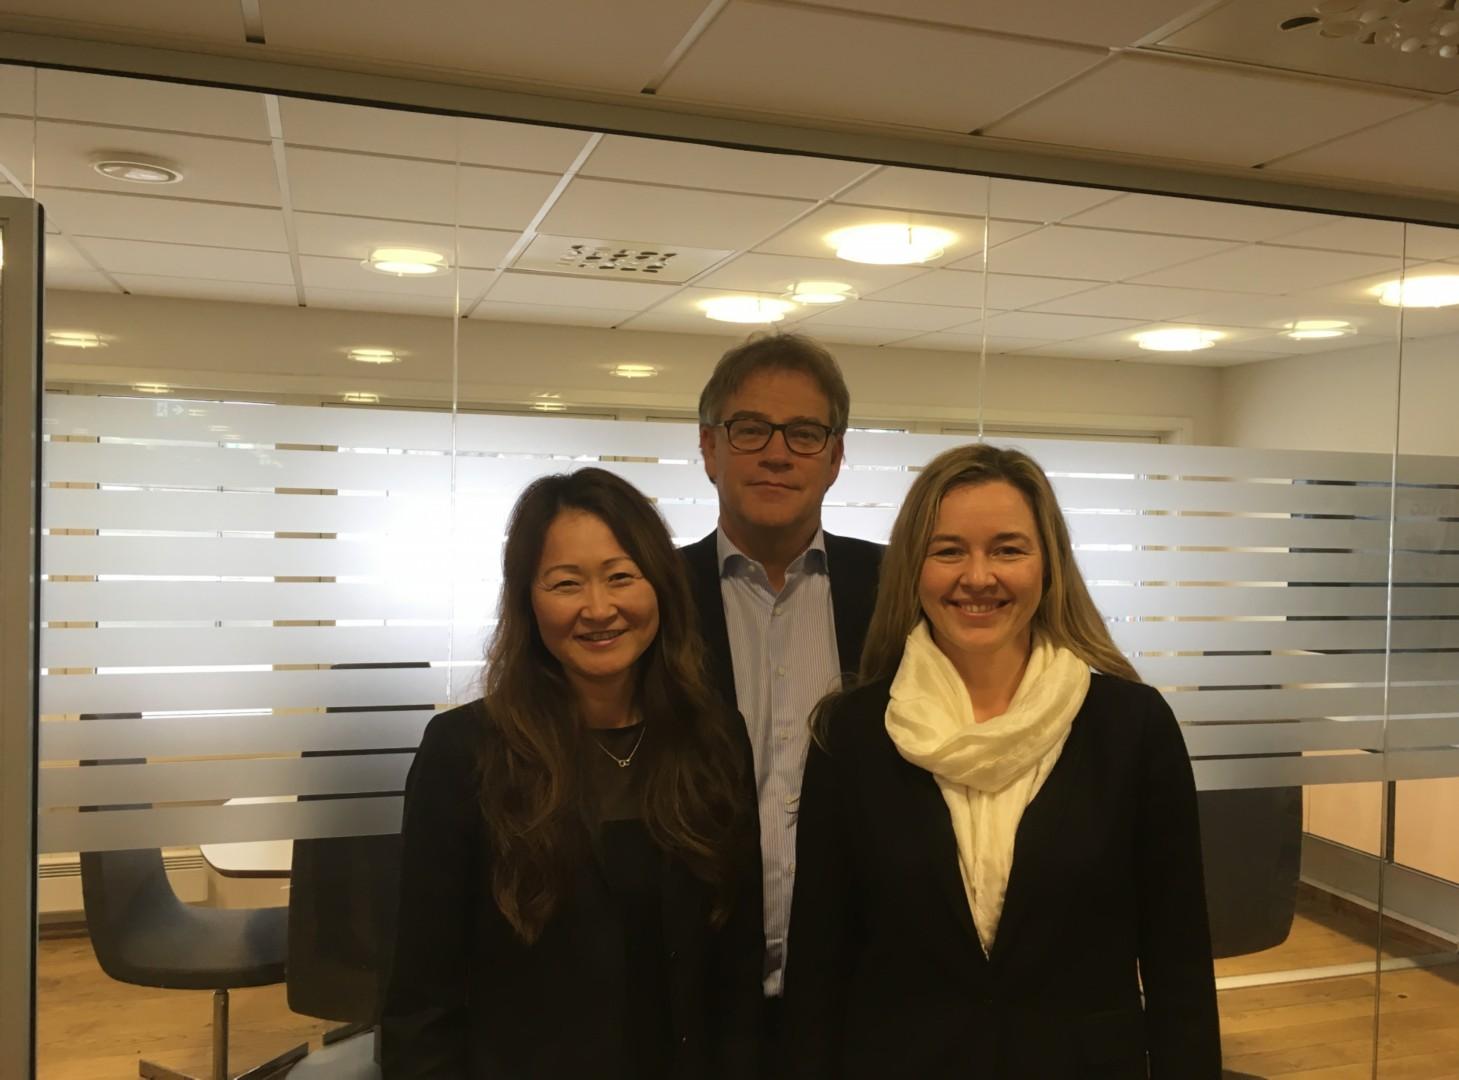 Fra venstre Camilla Bottolfs, Asbjørn Vennebo og Janicke Mathisen fra Optimera.